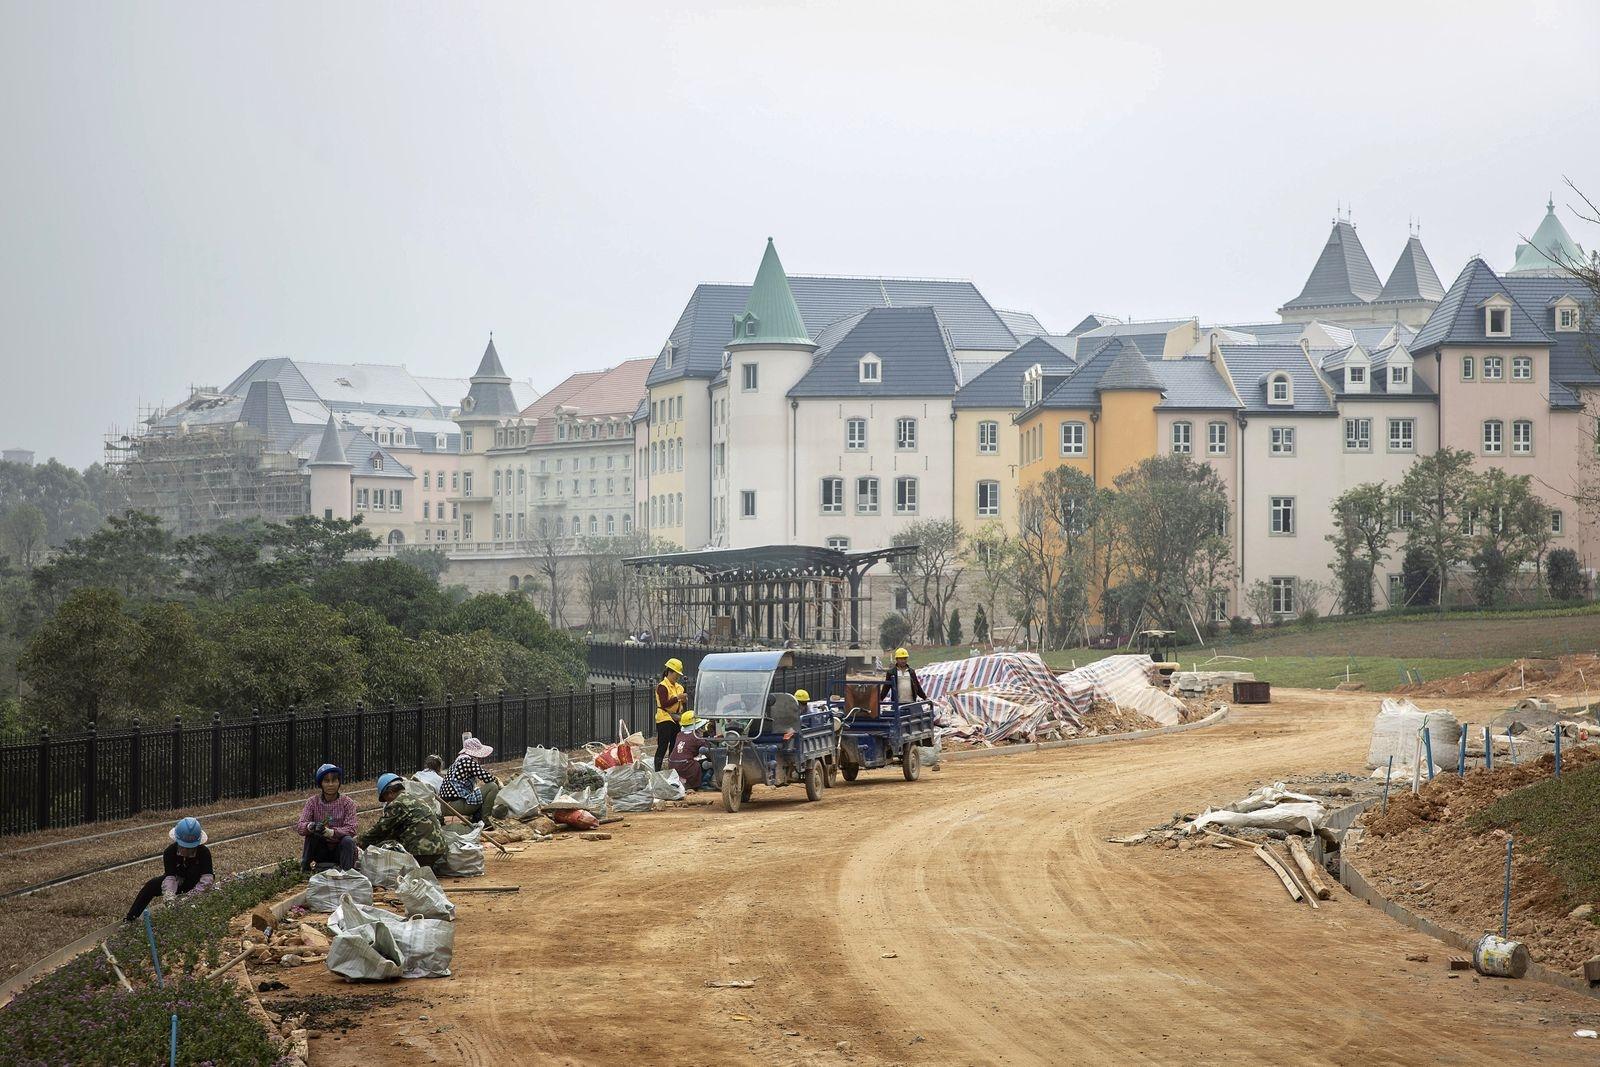 """Новый кампус Huawei в Китае выглядит как 12 европейских городов, соединённых друг с другом"""""""